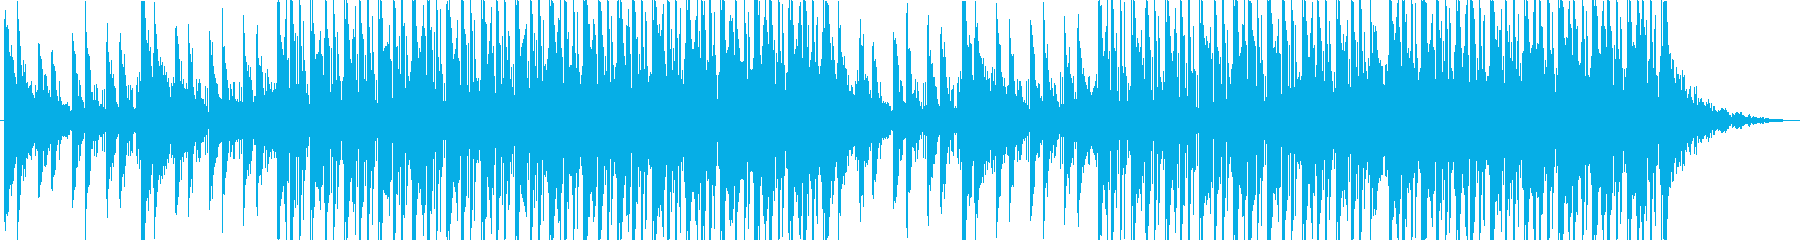 キャッチーで爽やかなHipHopの再生済みの波形